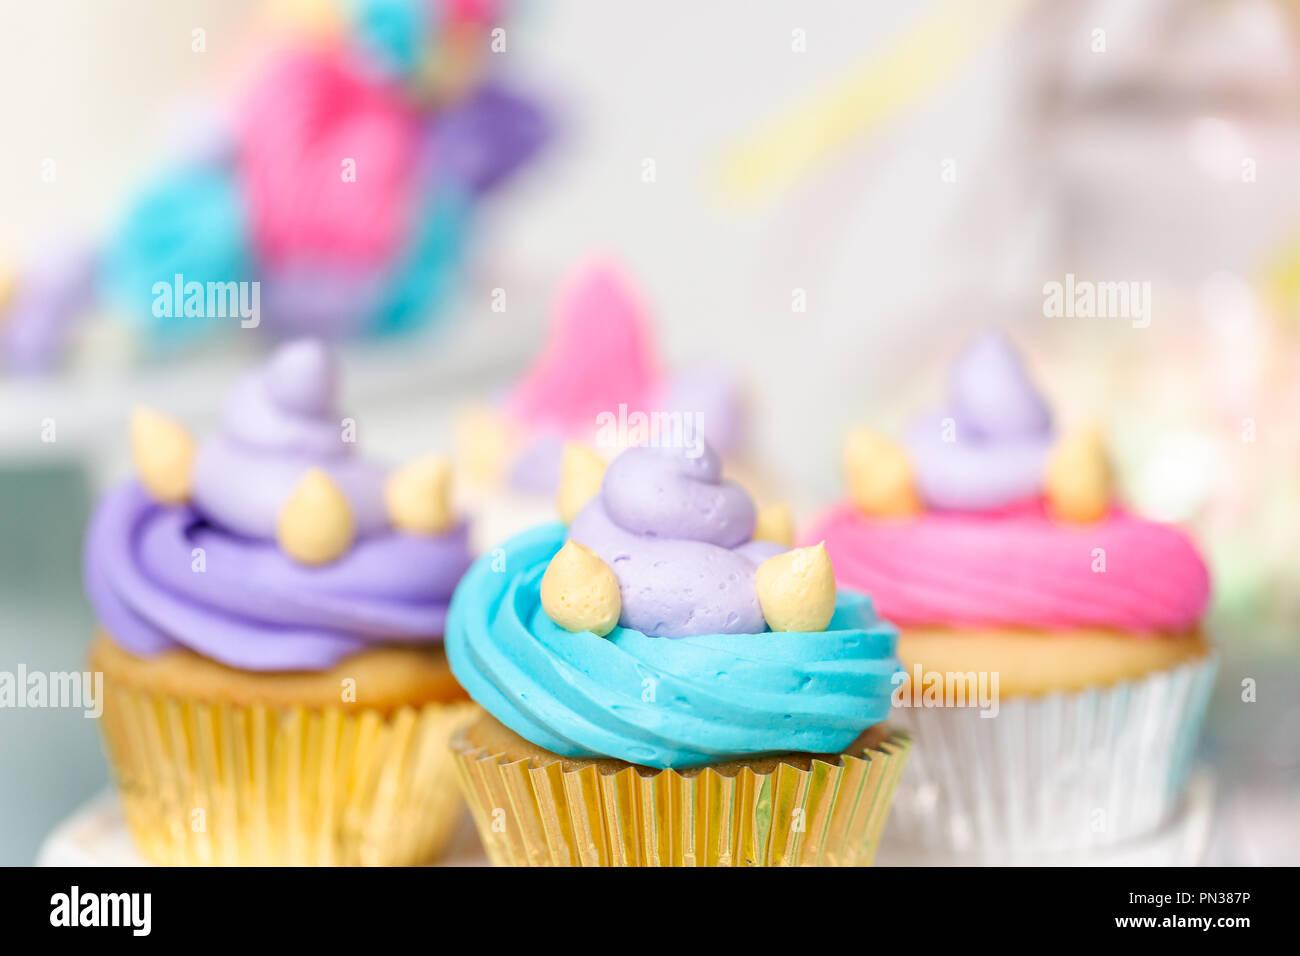 Mehrfarbige Einhorn Cupcakes Auf Kleine Madchen Geburtstag Stockfoto